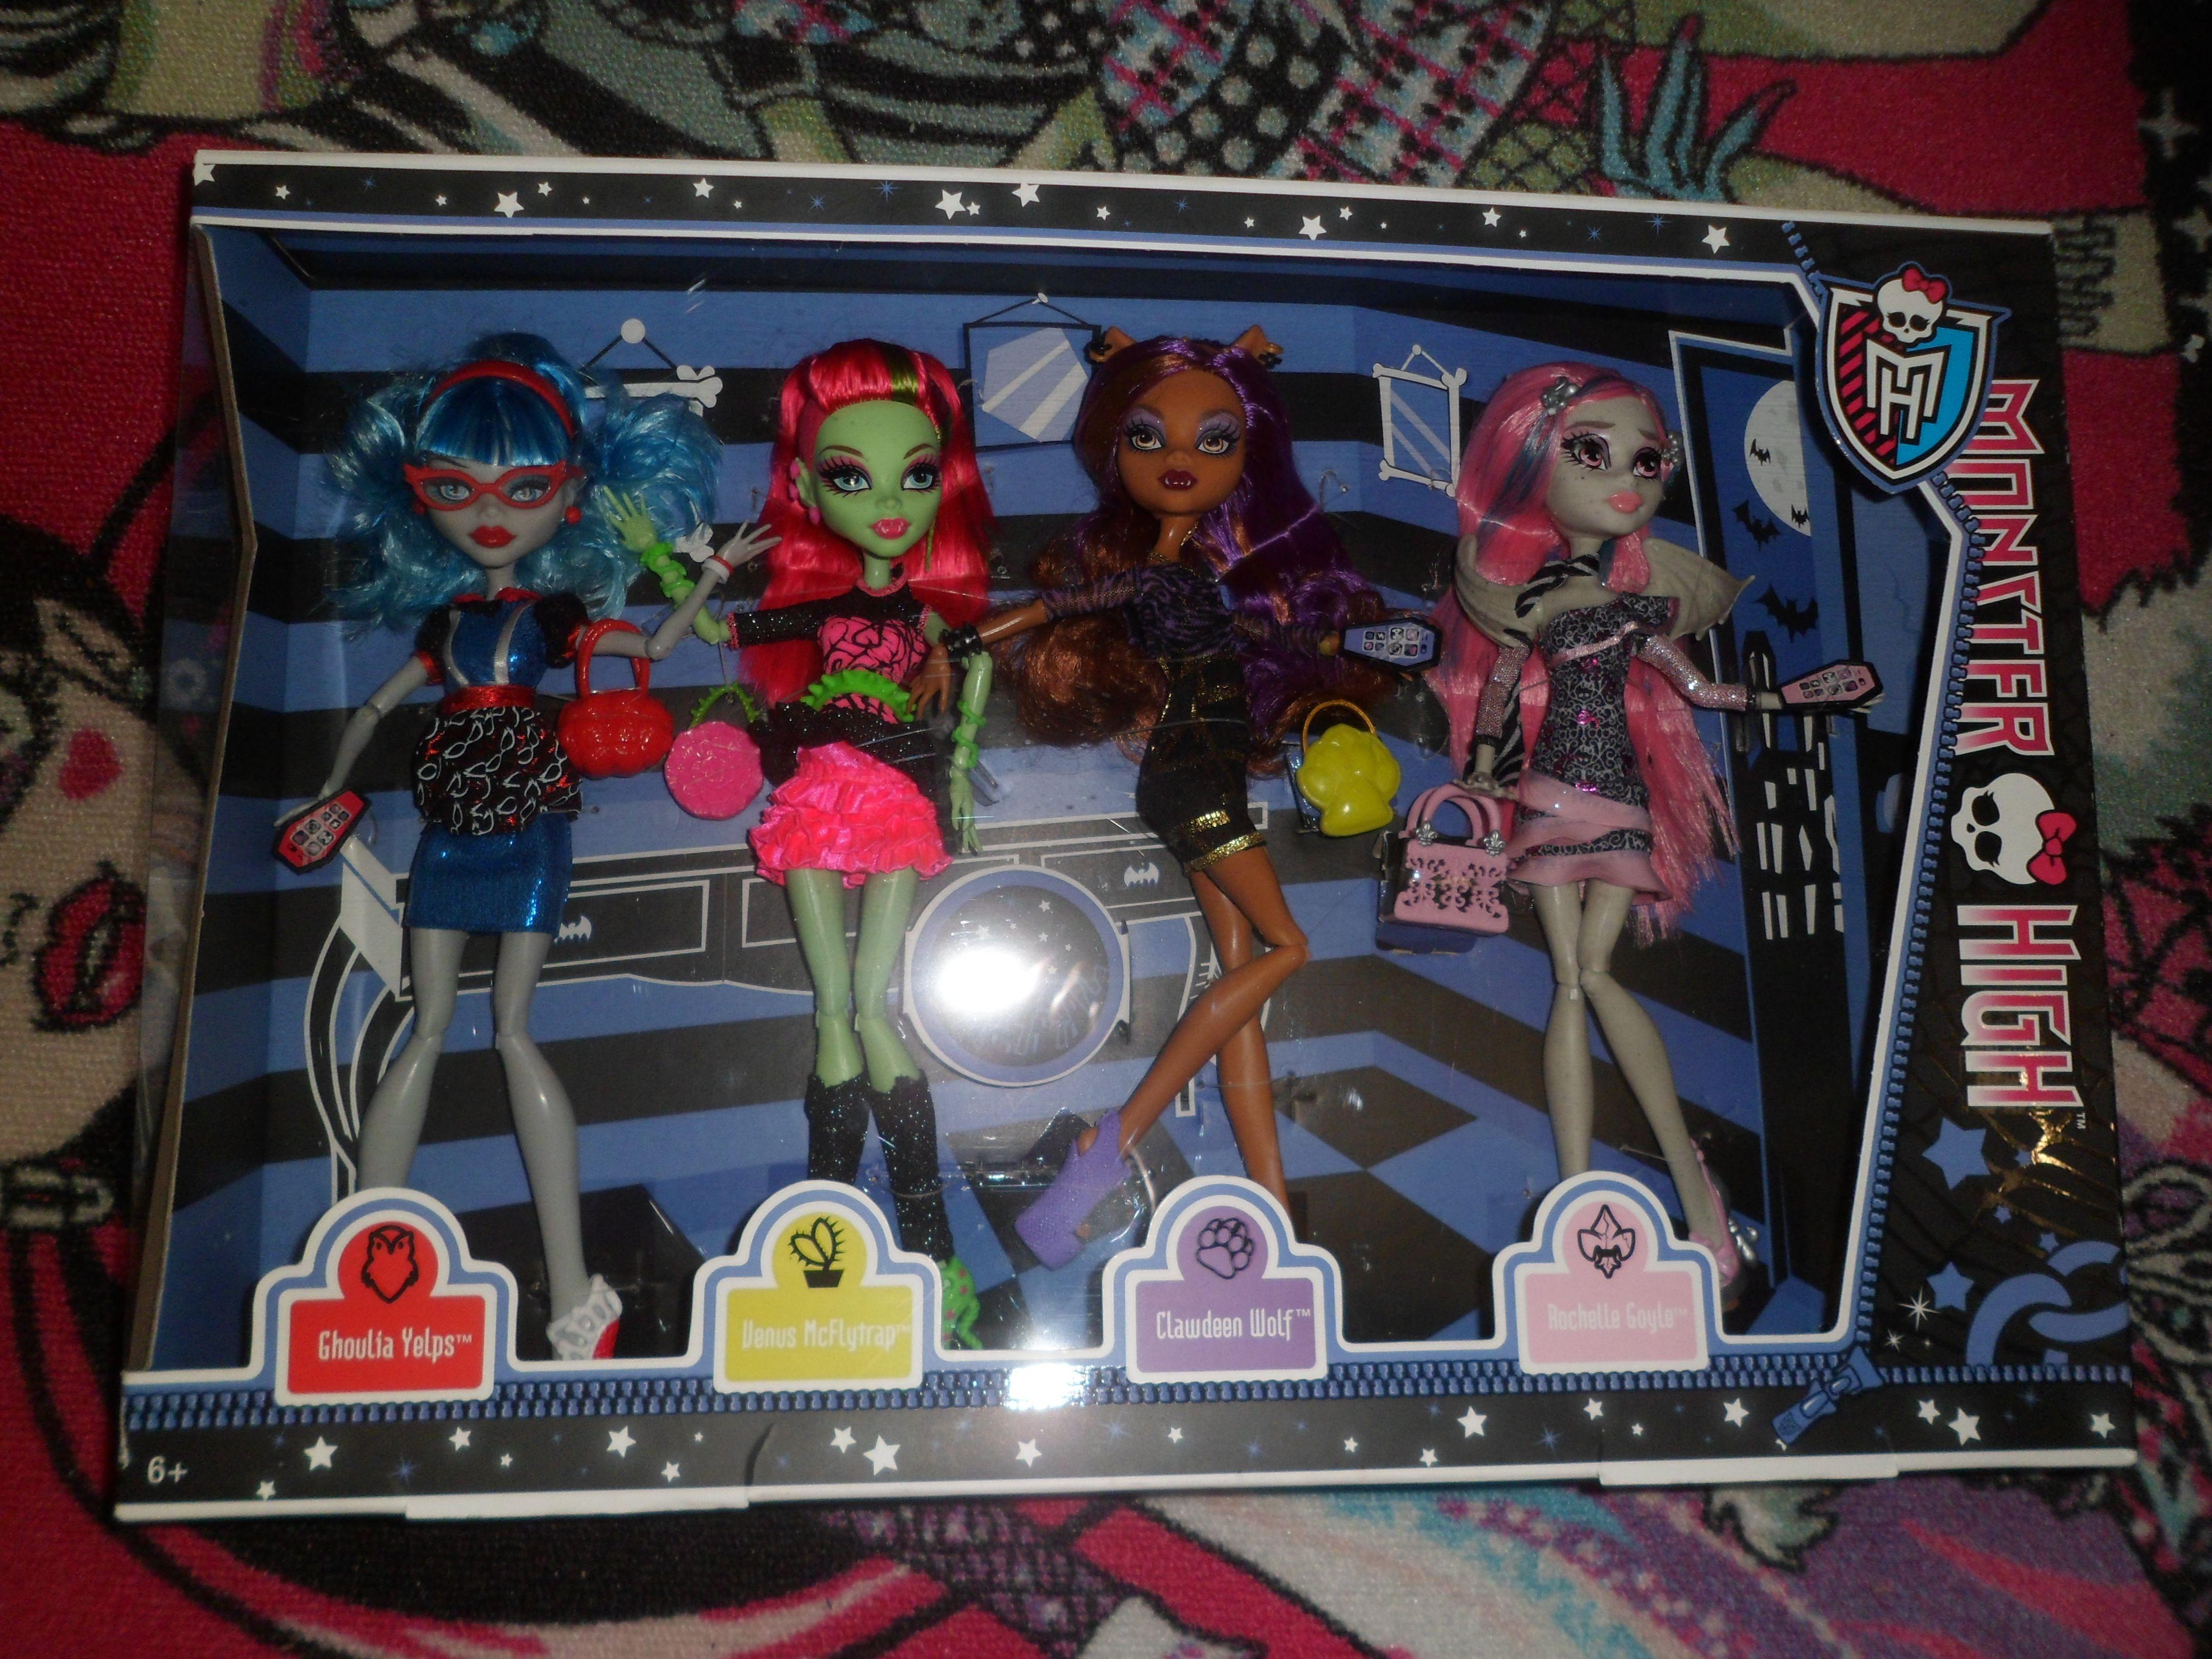 Clawdeen, Ghoulia, Rochelle & Venus